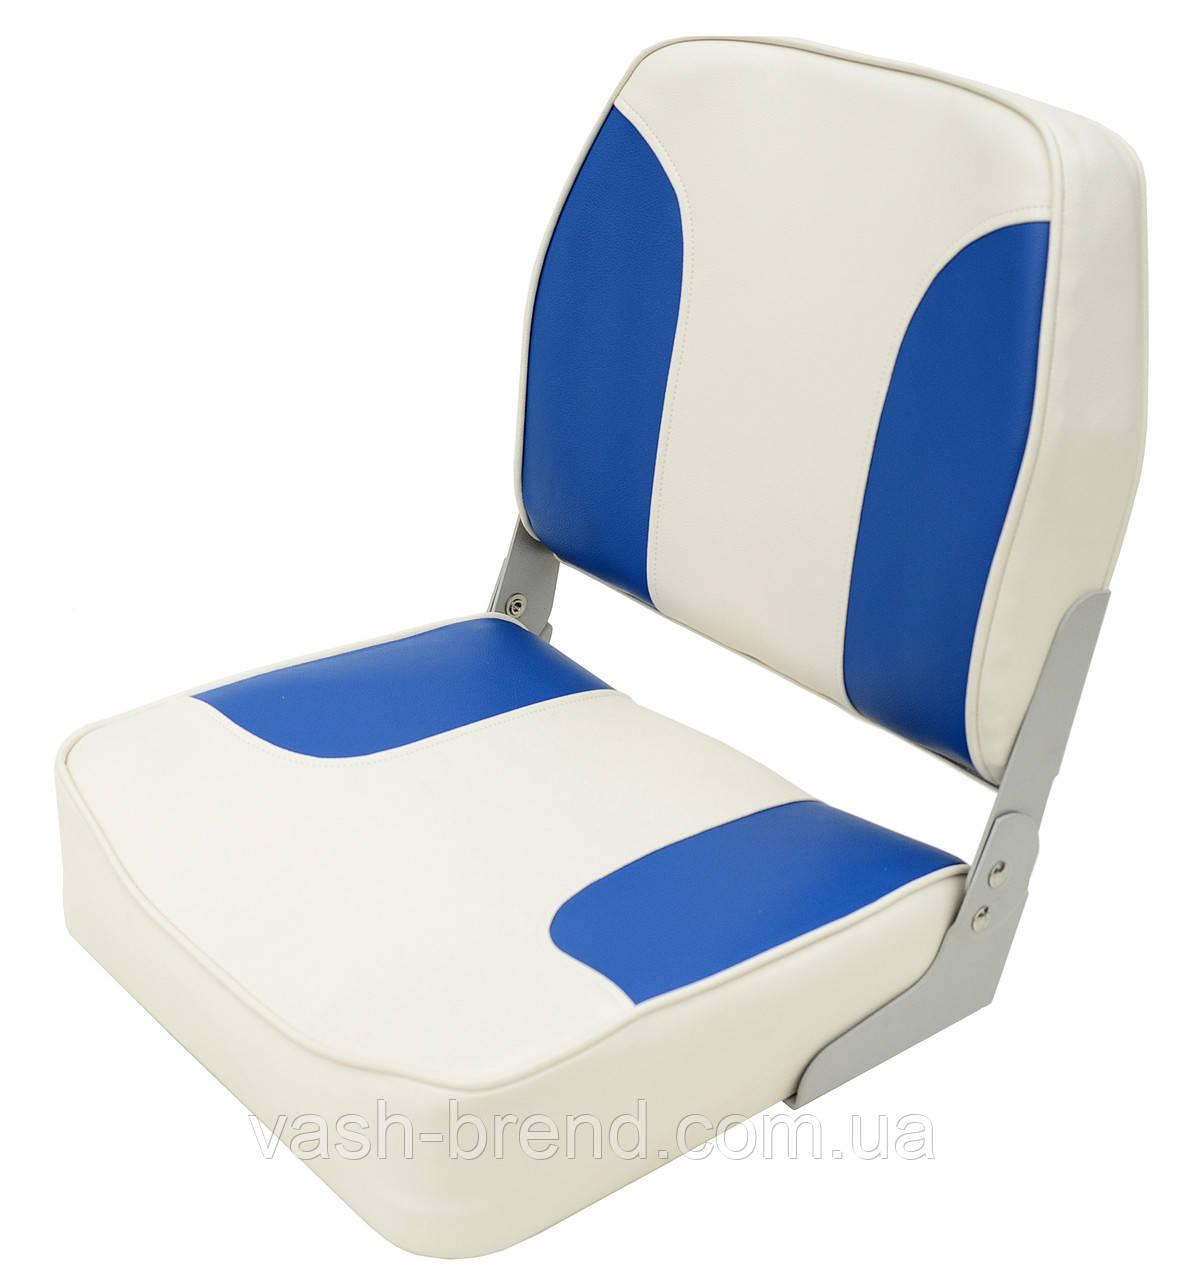 Сиденье складное серо-синее низкая спинка